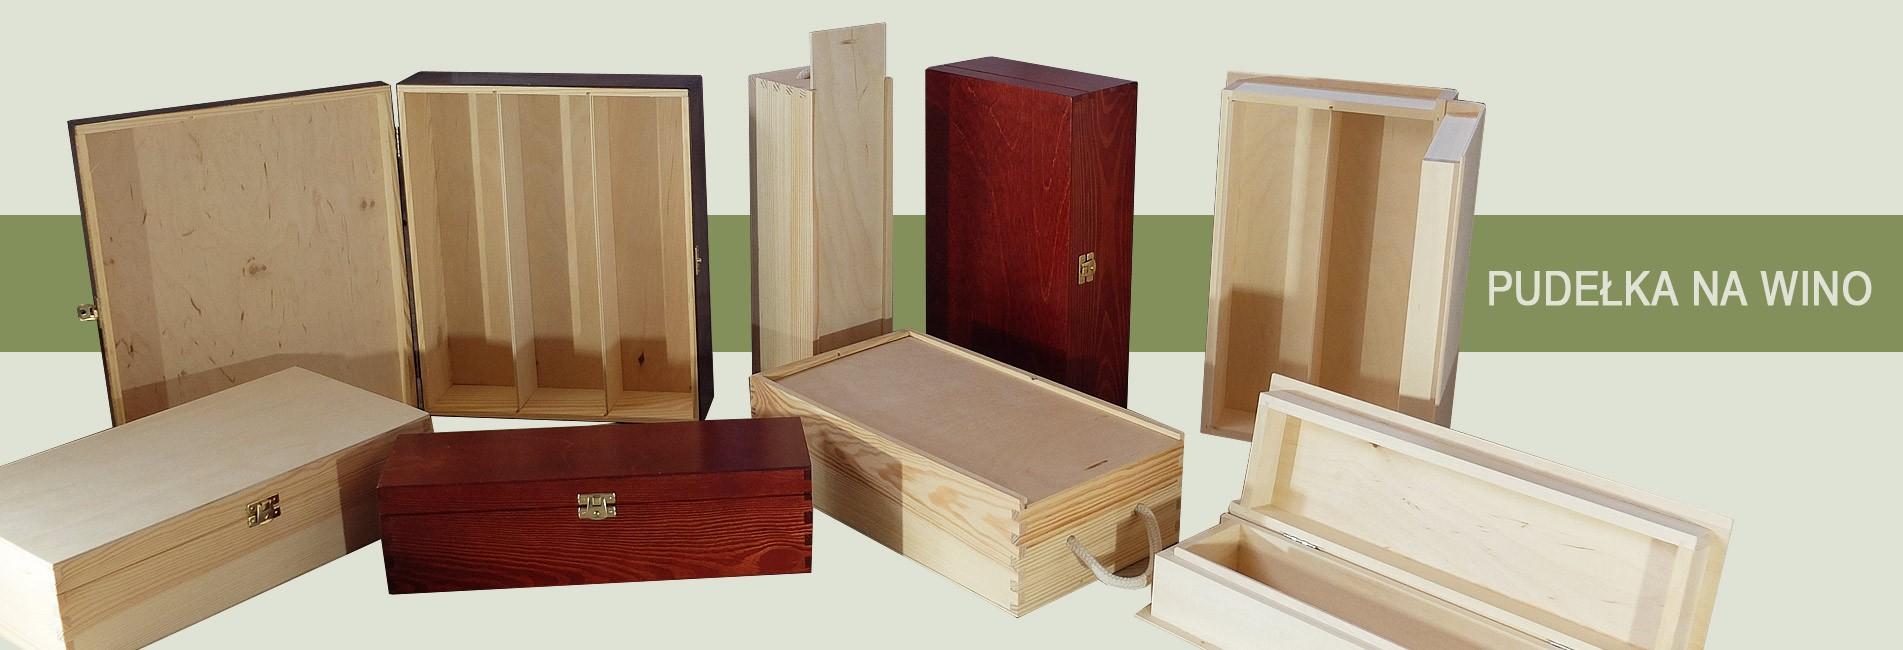 Pudełka z drewna na wino